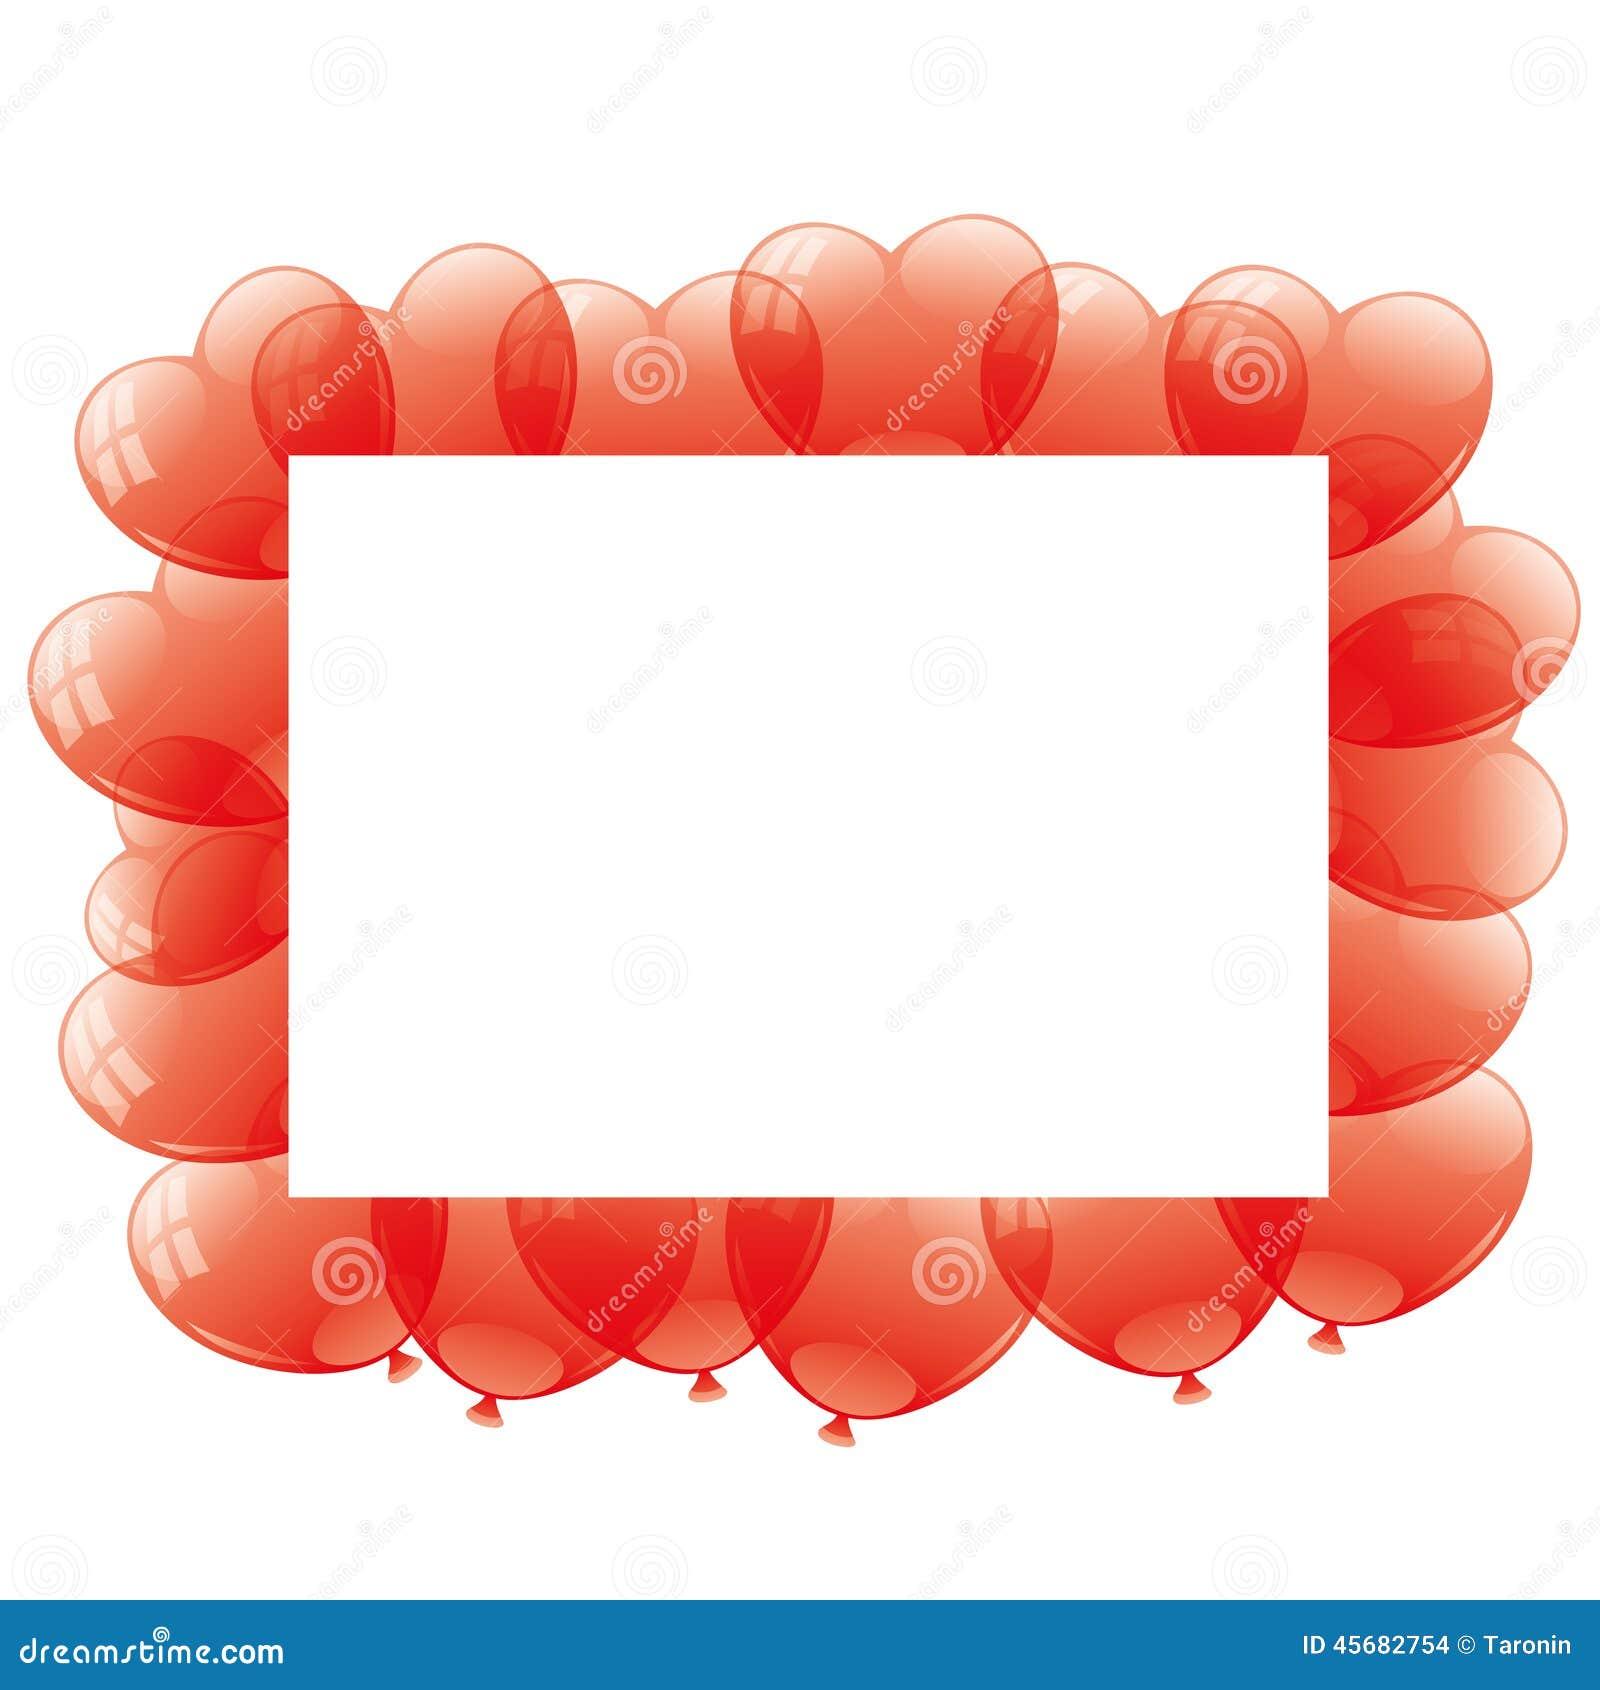 дополнительный иллюстратор рамки формы eps самана включает вектор baloney